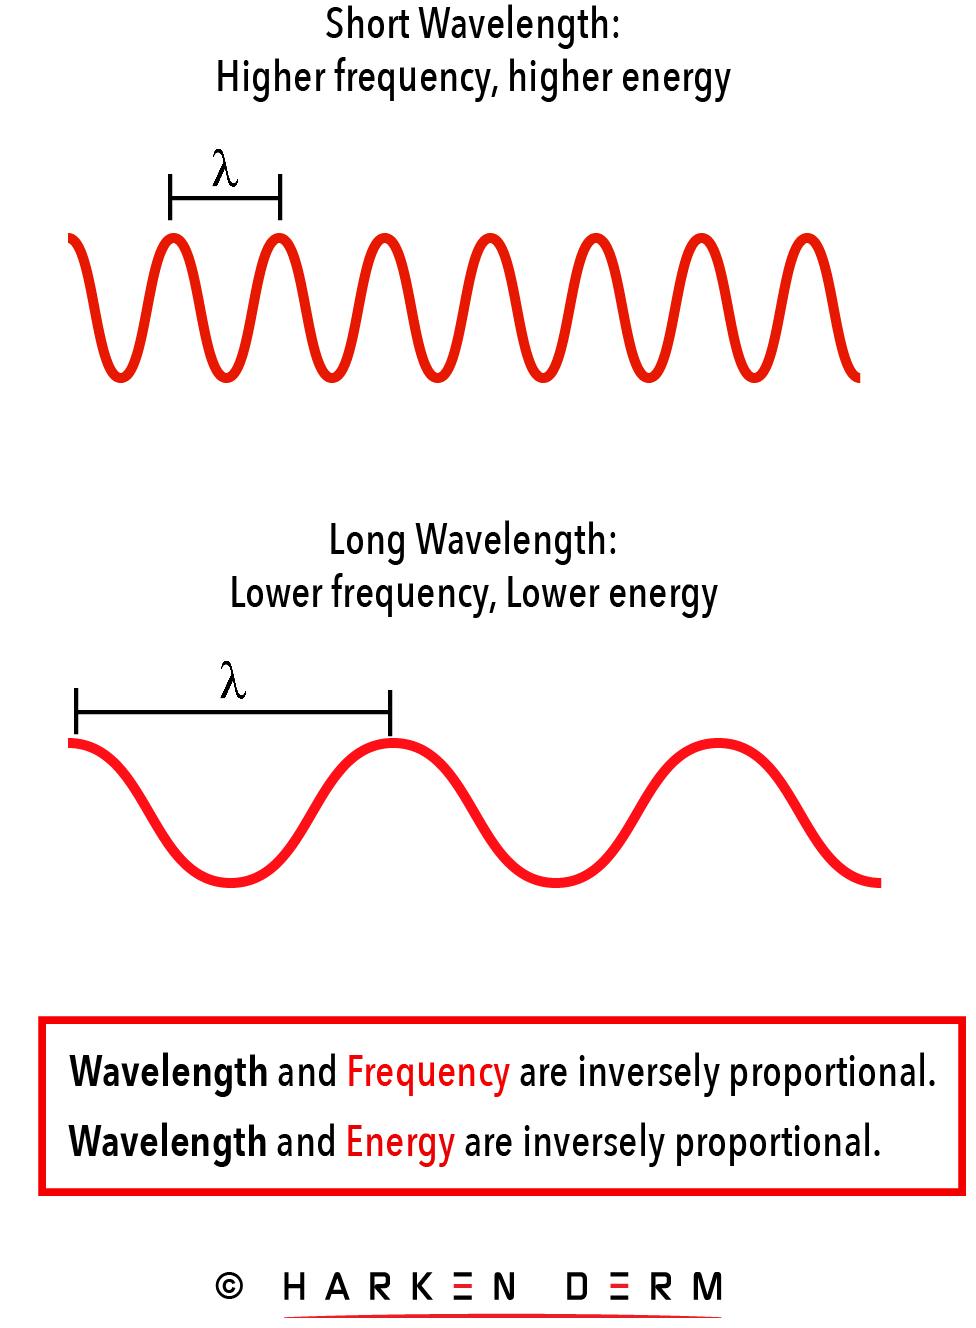 Understanding Wavelengths Harken Derm_1@2x-100.jpg